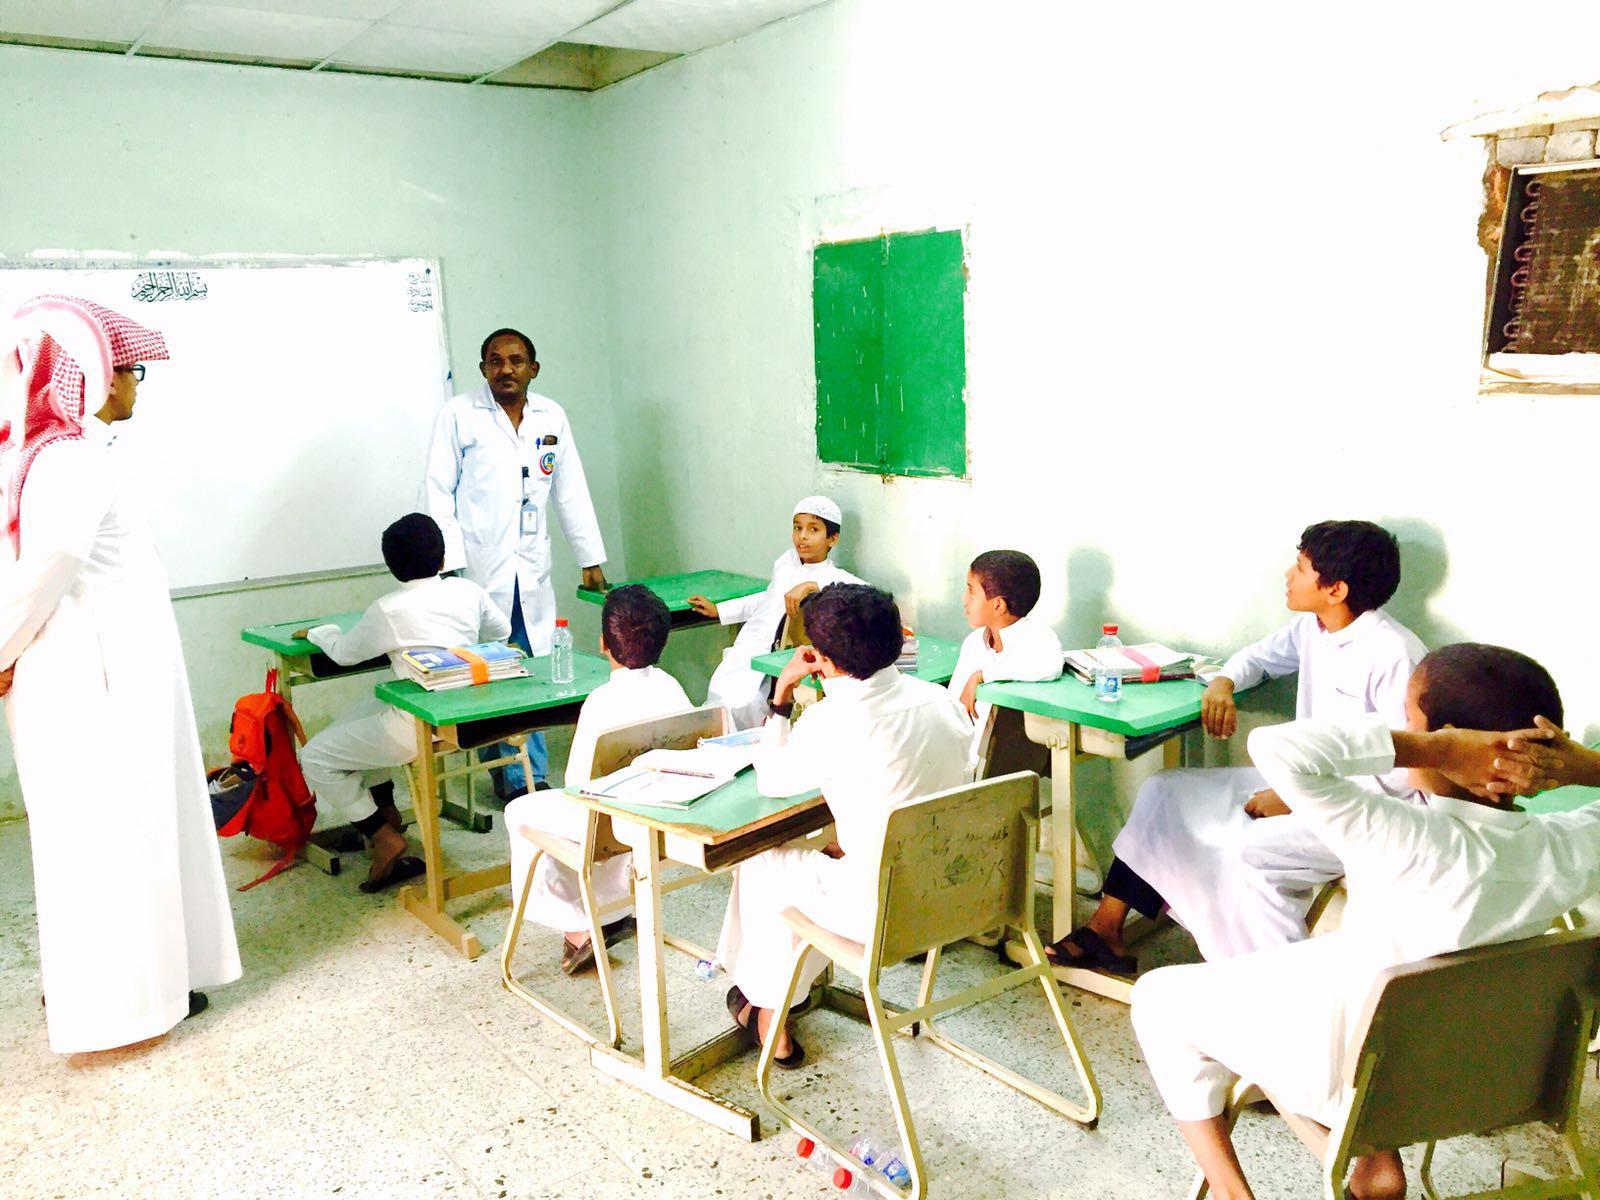 مدير تعليم الليث مرعي البركاني يطمأن على طلاب قرية المستنقع (3)